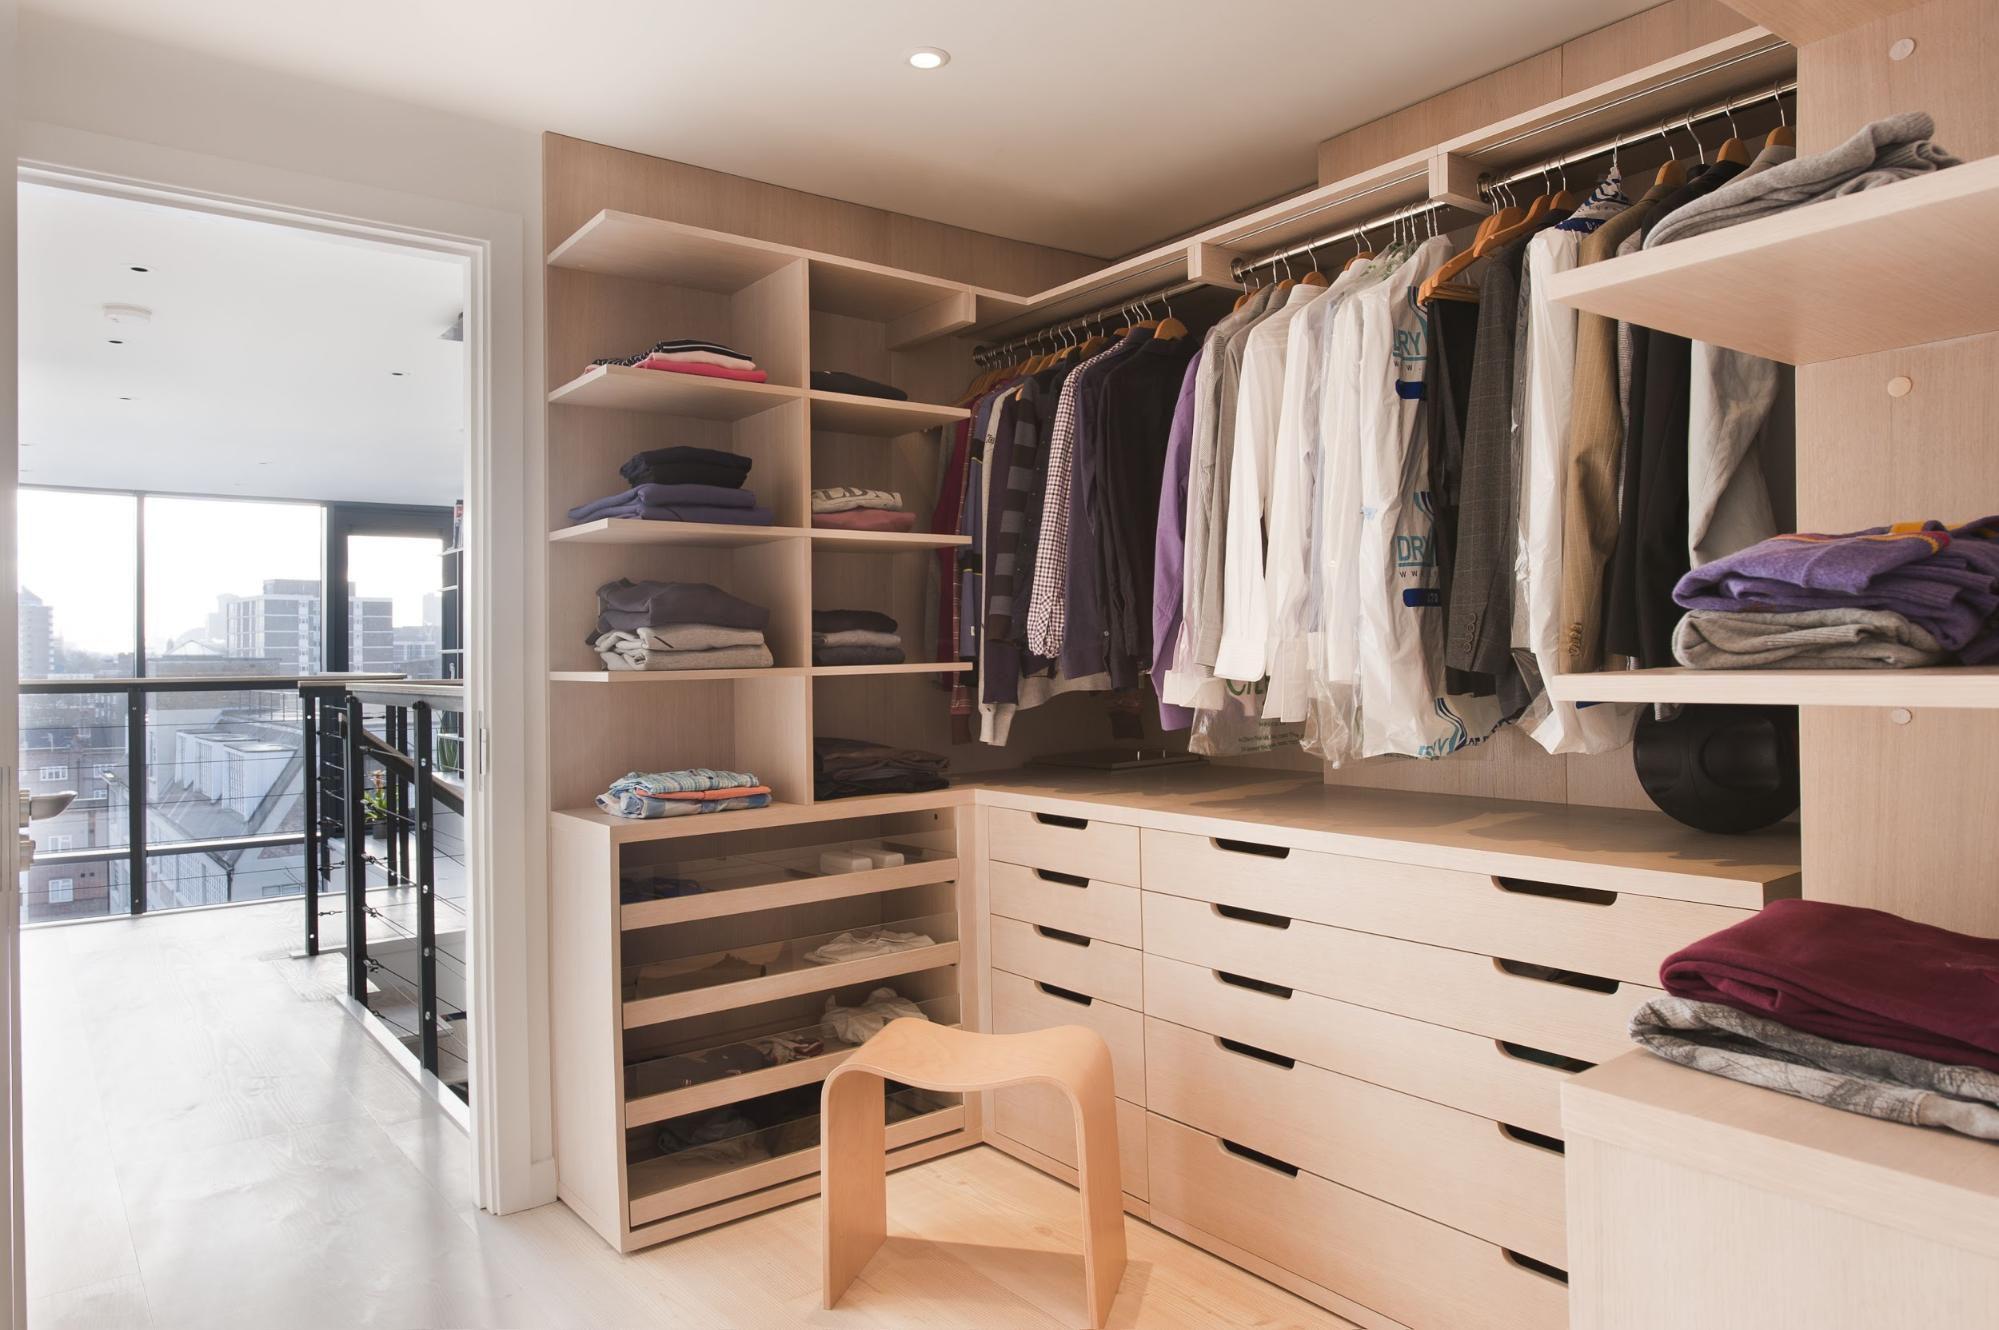 40648 Примеры наполнения и организации шкафа или гардеробной